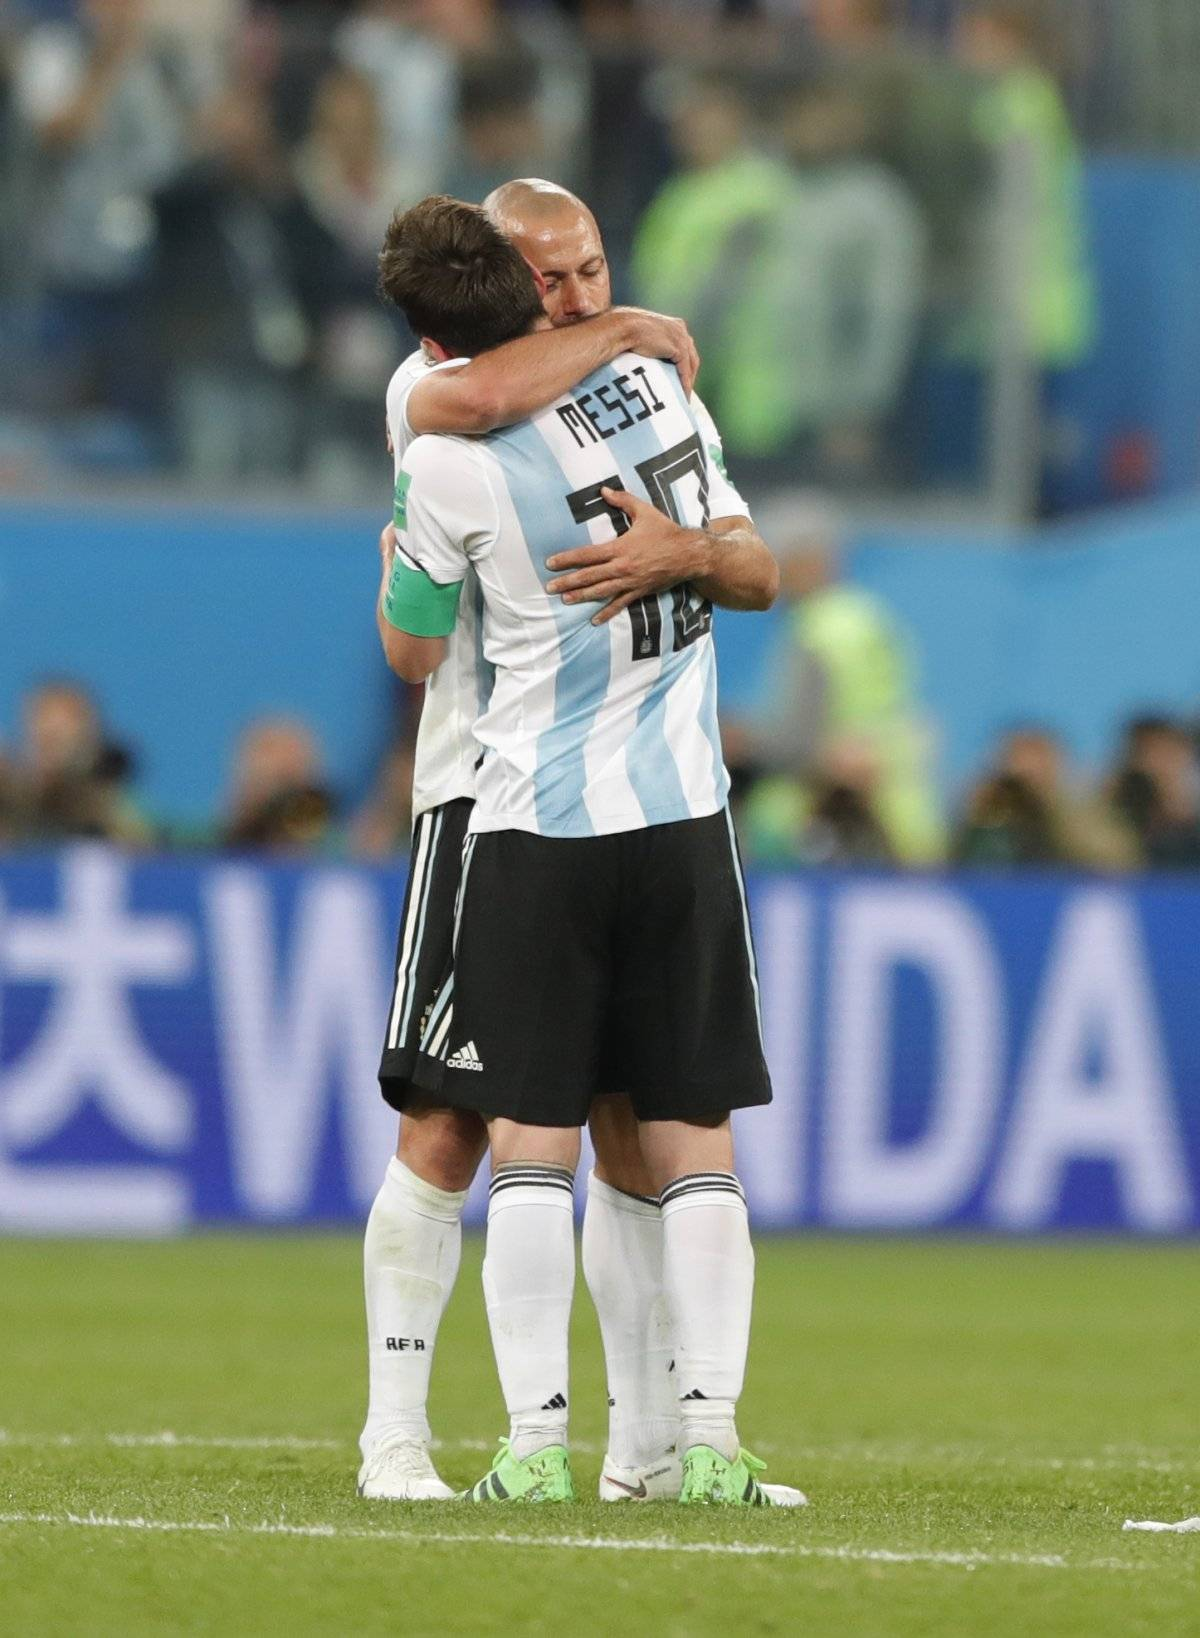 Lionel Messi: Sabía que Dios está con nosotros y no nos iba a dejar afuera AP